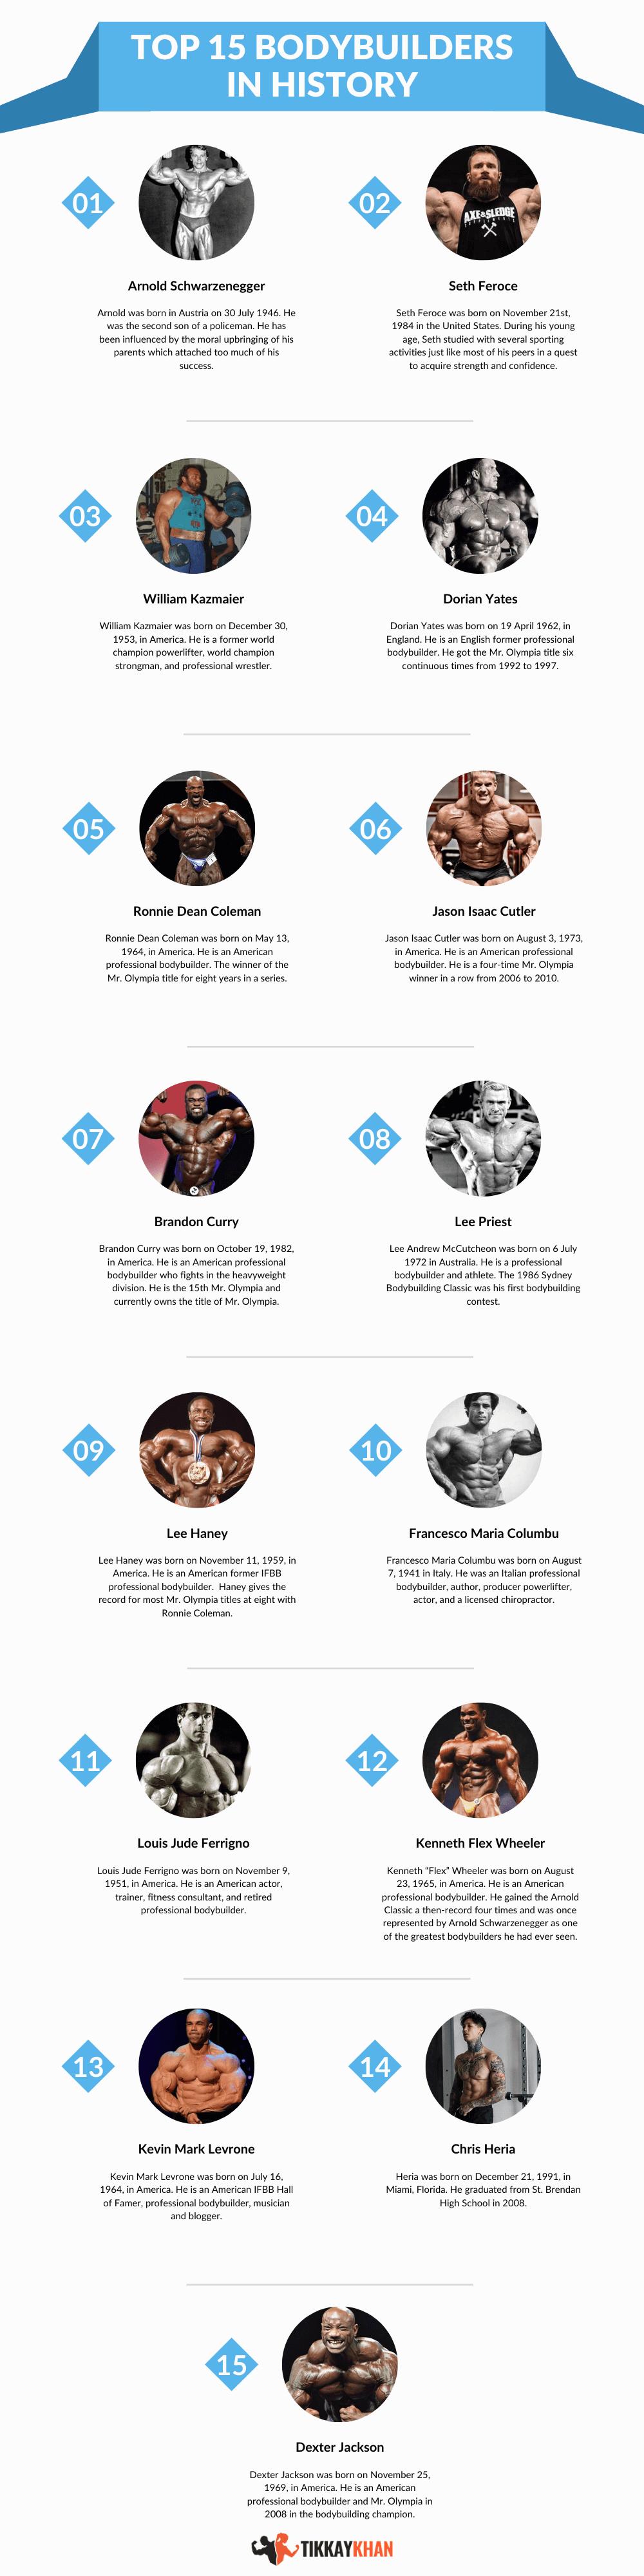 top 15 bodybuilders in the history